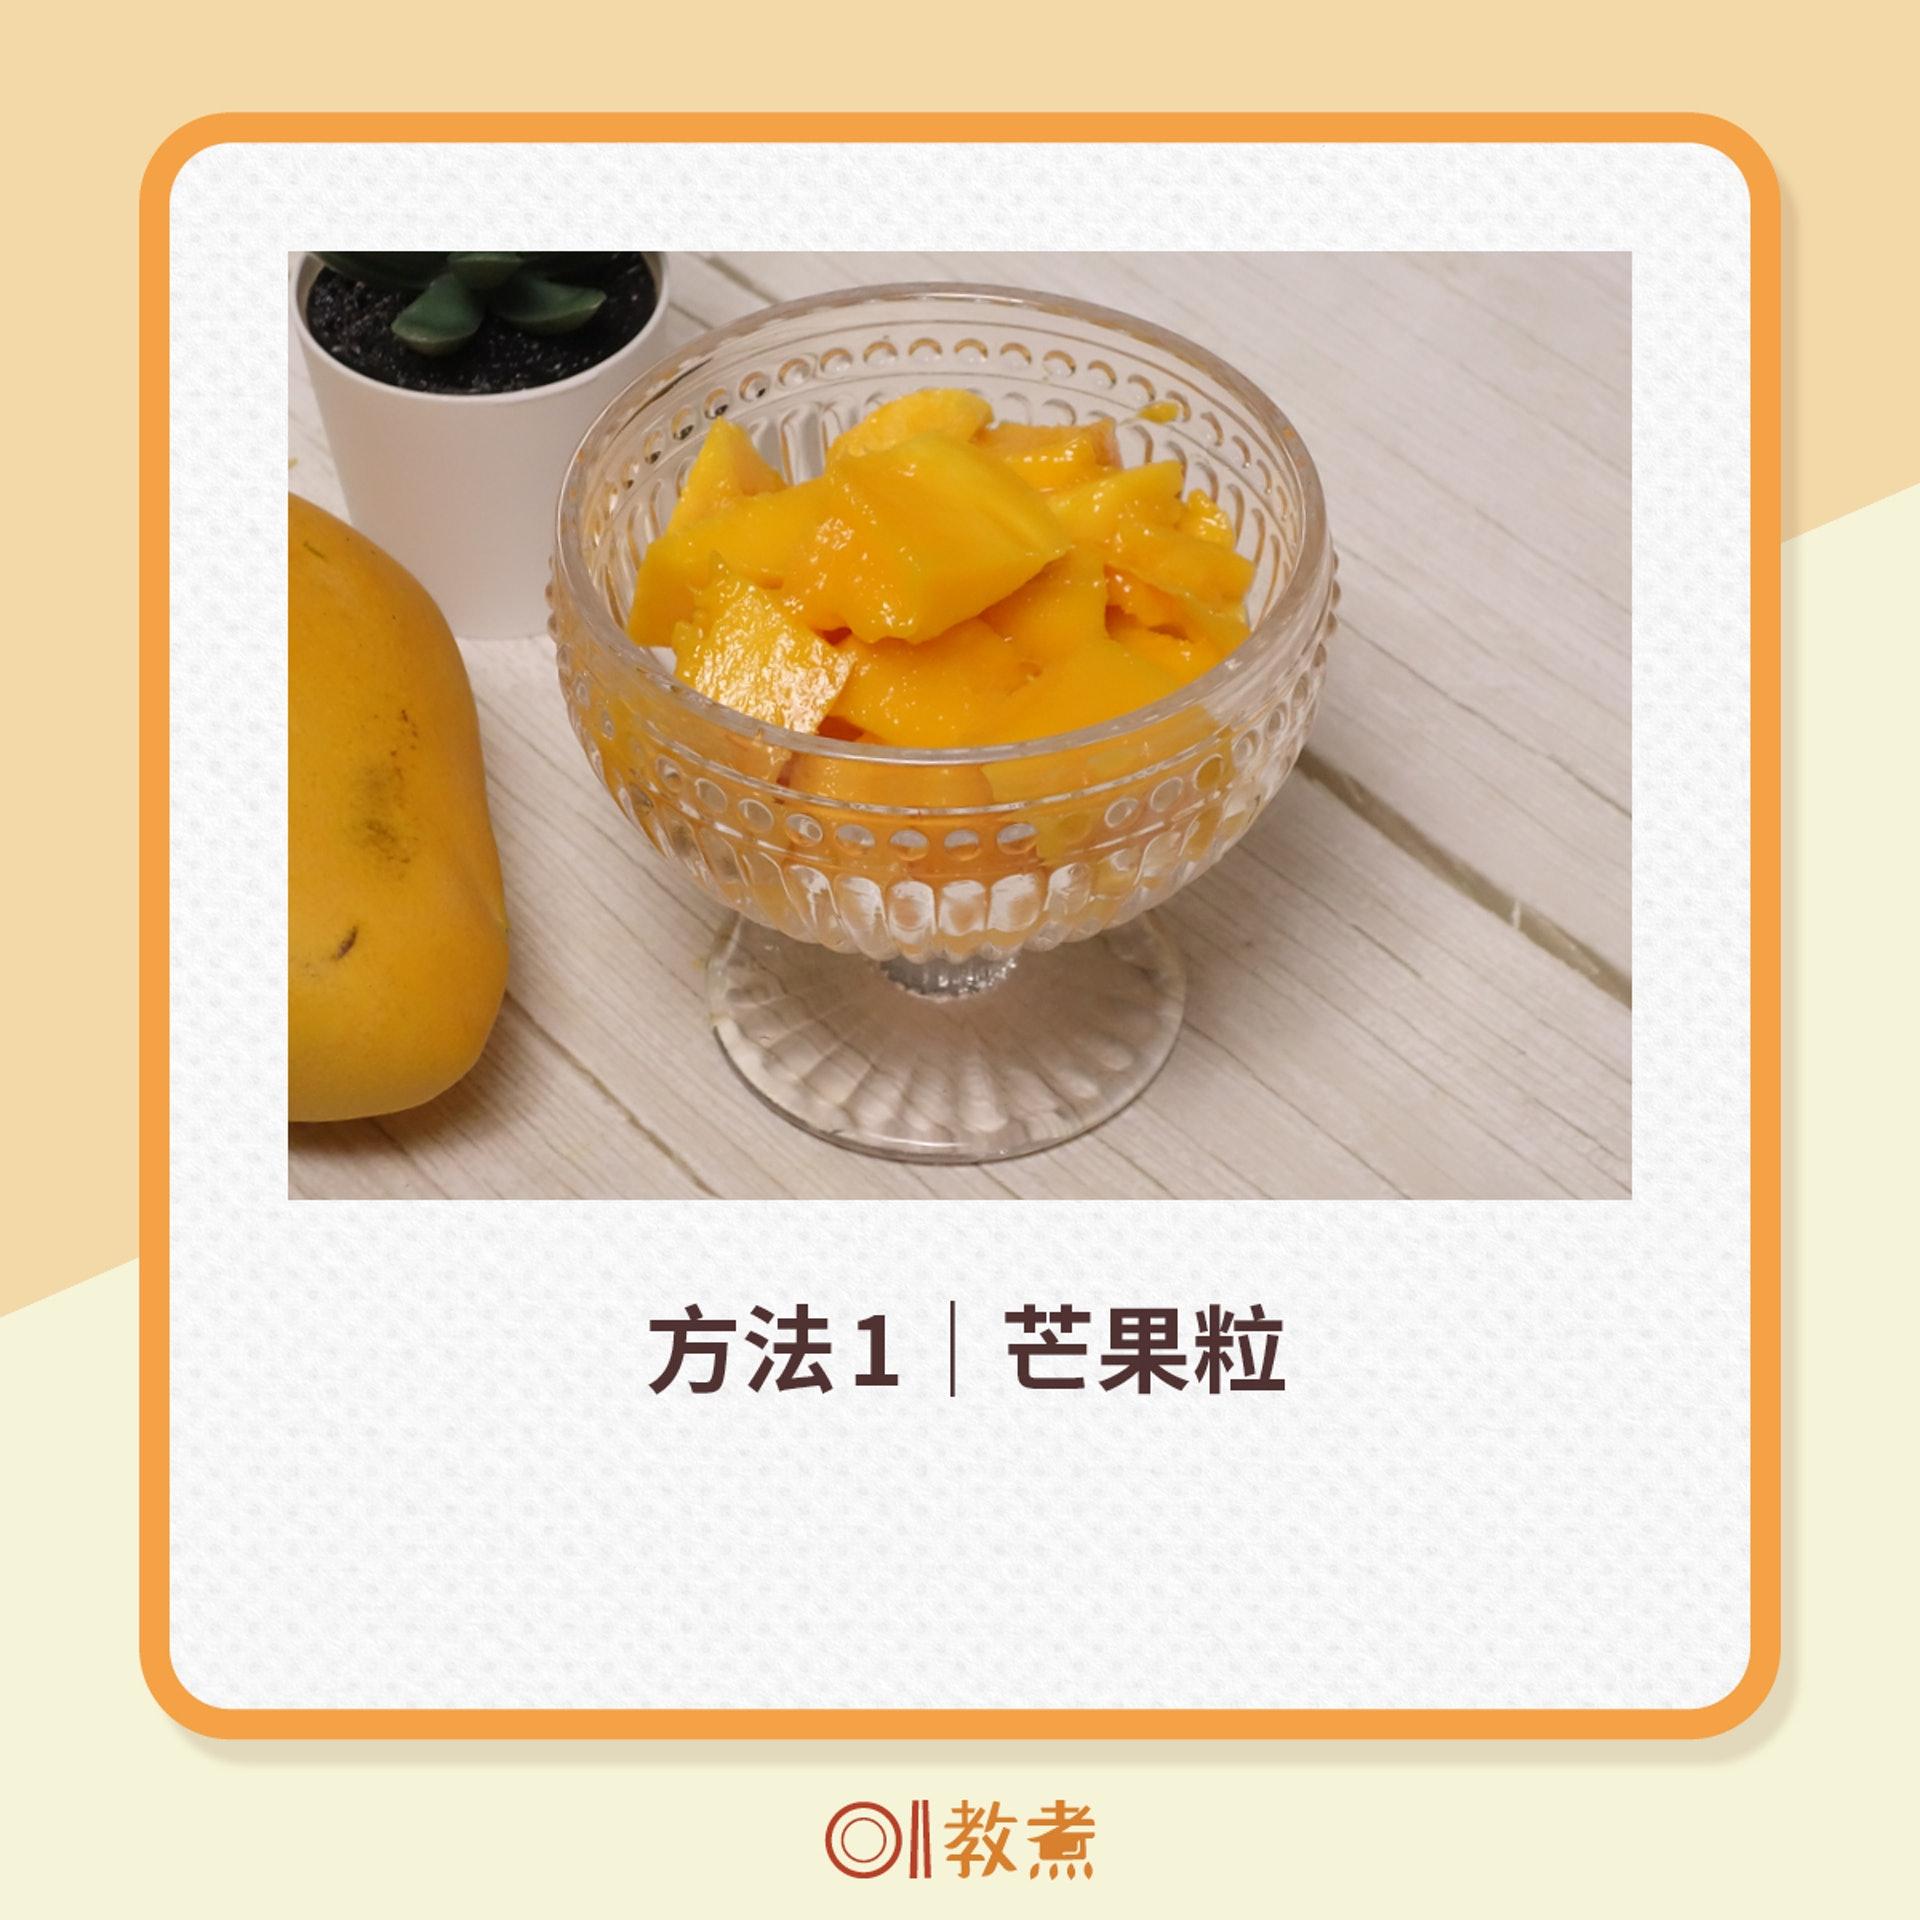 簡易芒果起肉法(01製圖)